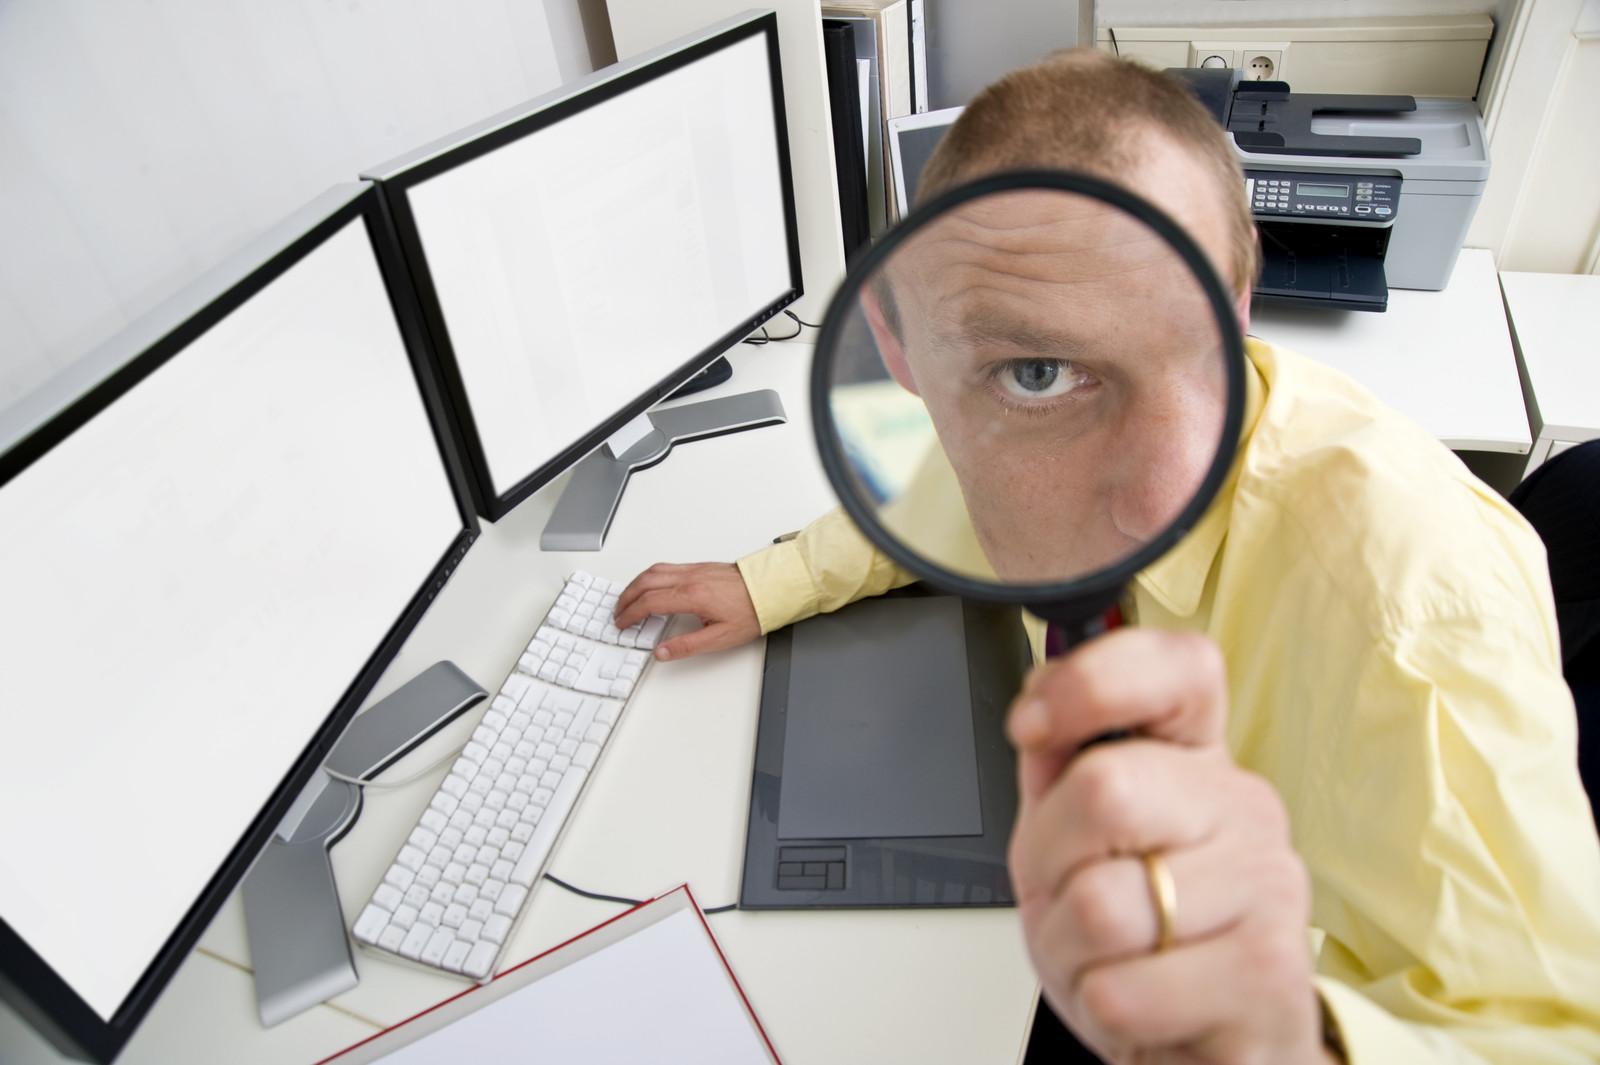 voorbeeld sollicitatiebrief bibliotheekmedewerker Sollicitatiebrief 123.nl | Sollicitatiebrief Voorbeeld   Een  voorbeeld sollicitatiebrief bibliotheekmedewerker